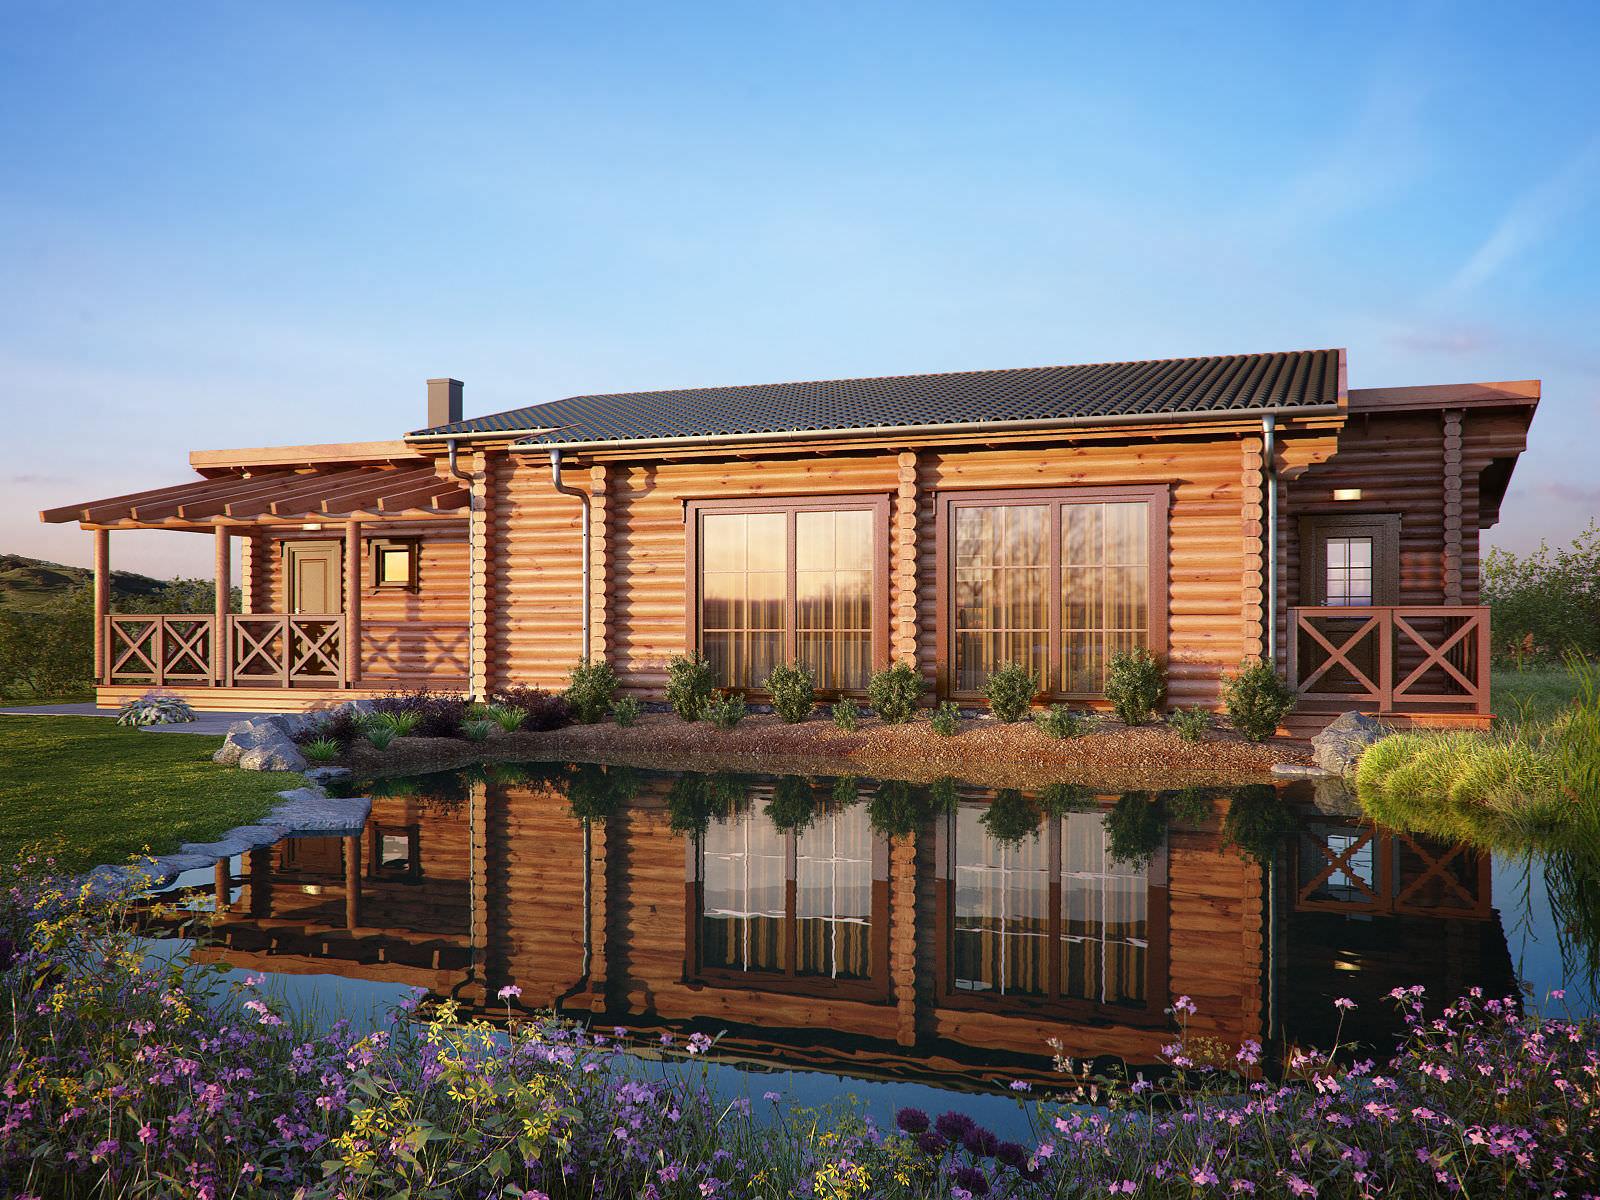 Maison passive / contemporaine / en bois massif / à ossature bois ...